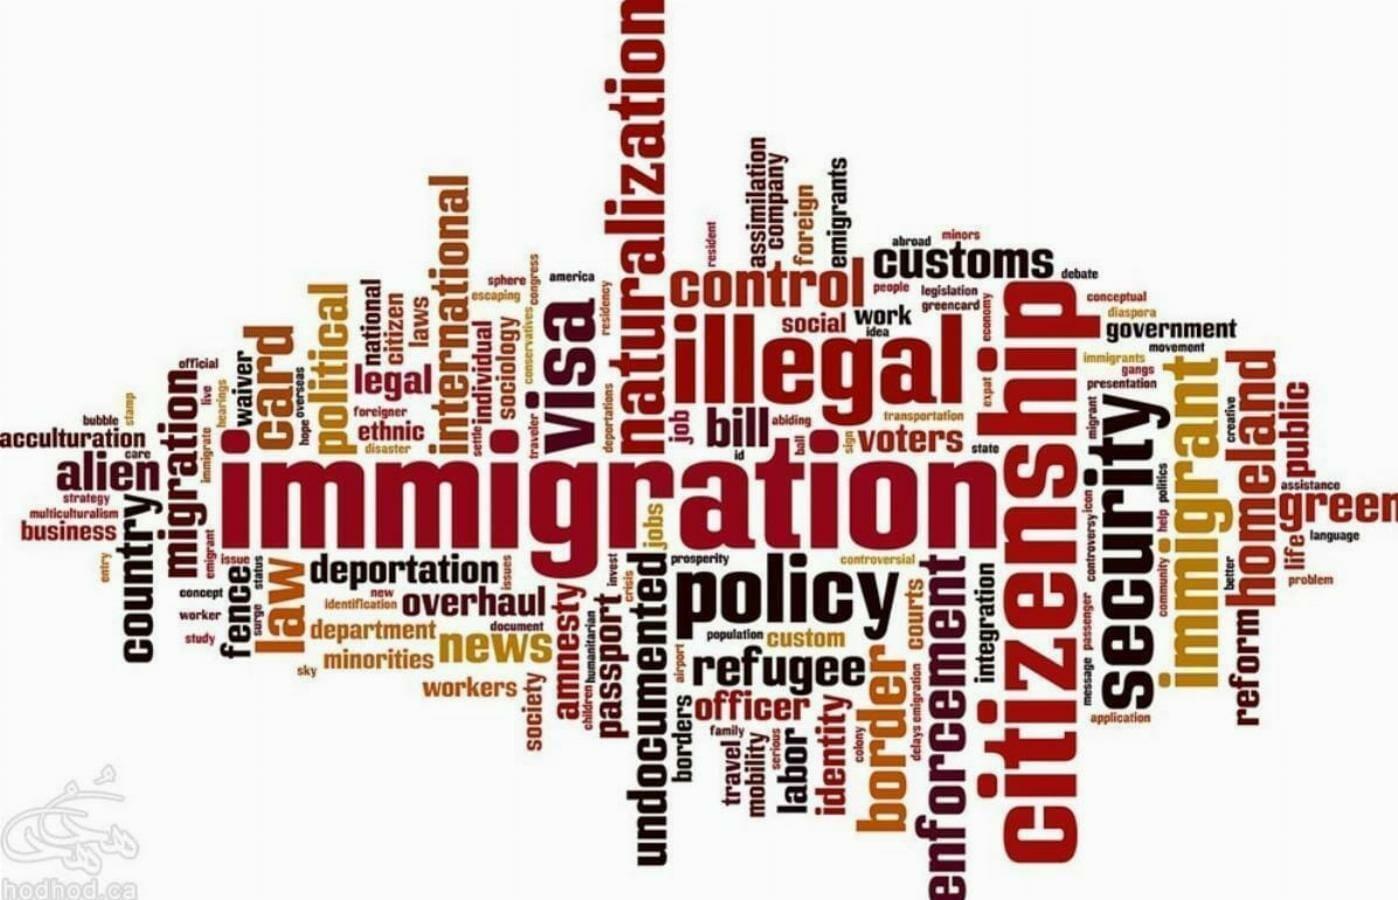 مهاجرت، چالشی برای فرد، خانواده و اجتماع (بخش سوم)